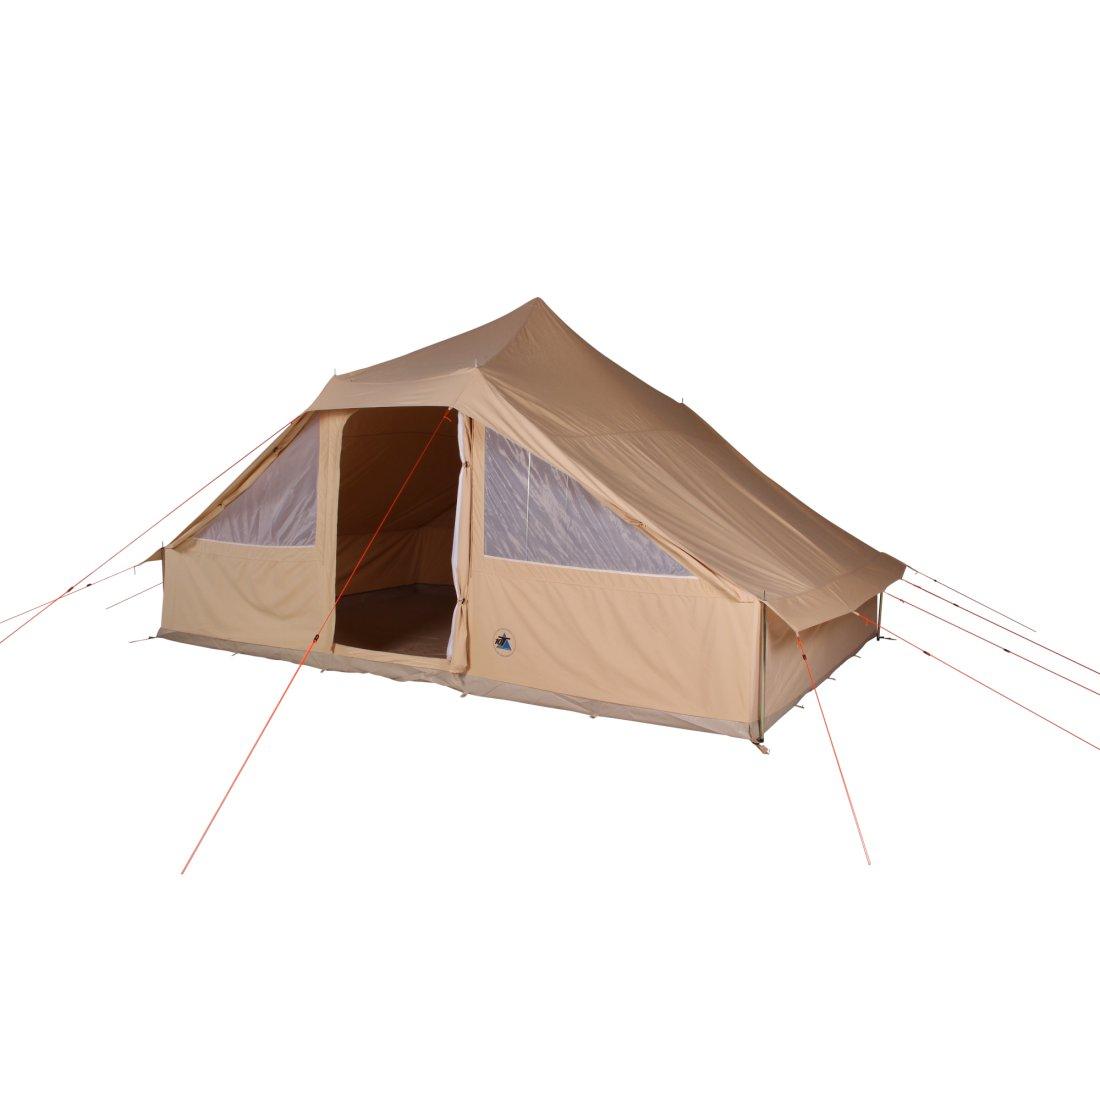 10t sudan 4 8 personen baumwoll hauszelt festeingen hte bodenwanne von 10t outdoor equipment. Black Bedroom Furniture Sets. Home Design Ideas